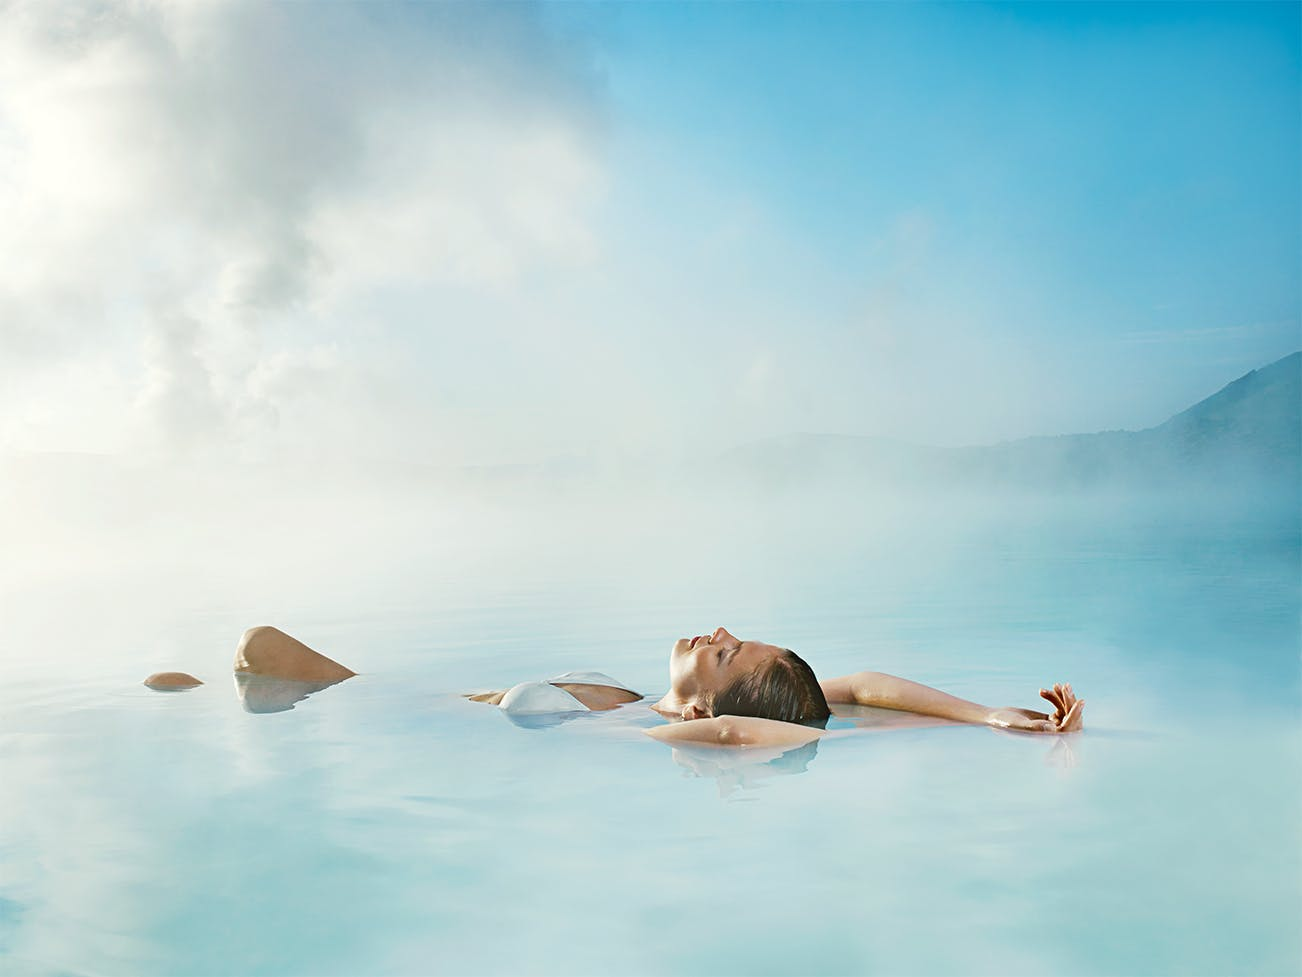 Jednym z najlepszych sposobów na zapoznanie się z Islandią jest kąpiel w magicznych wodach Błękitnej Laguny, słynnego uzdrowiska na Półwyspie Reykjanes.